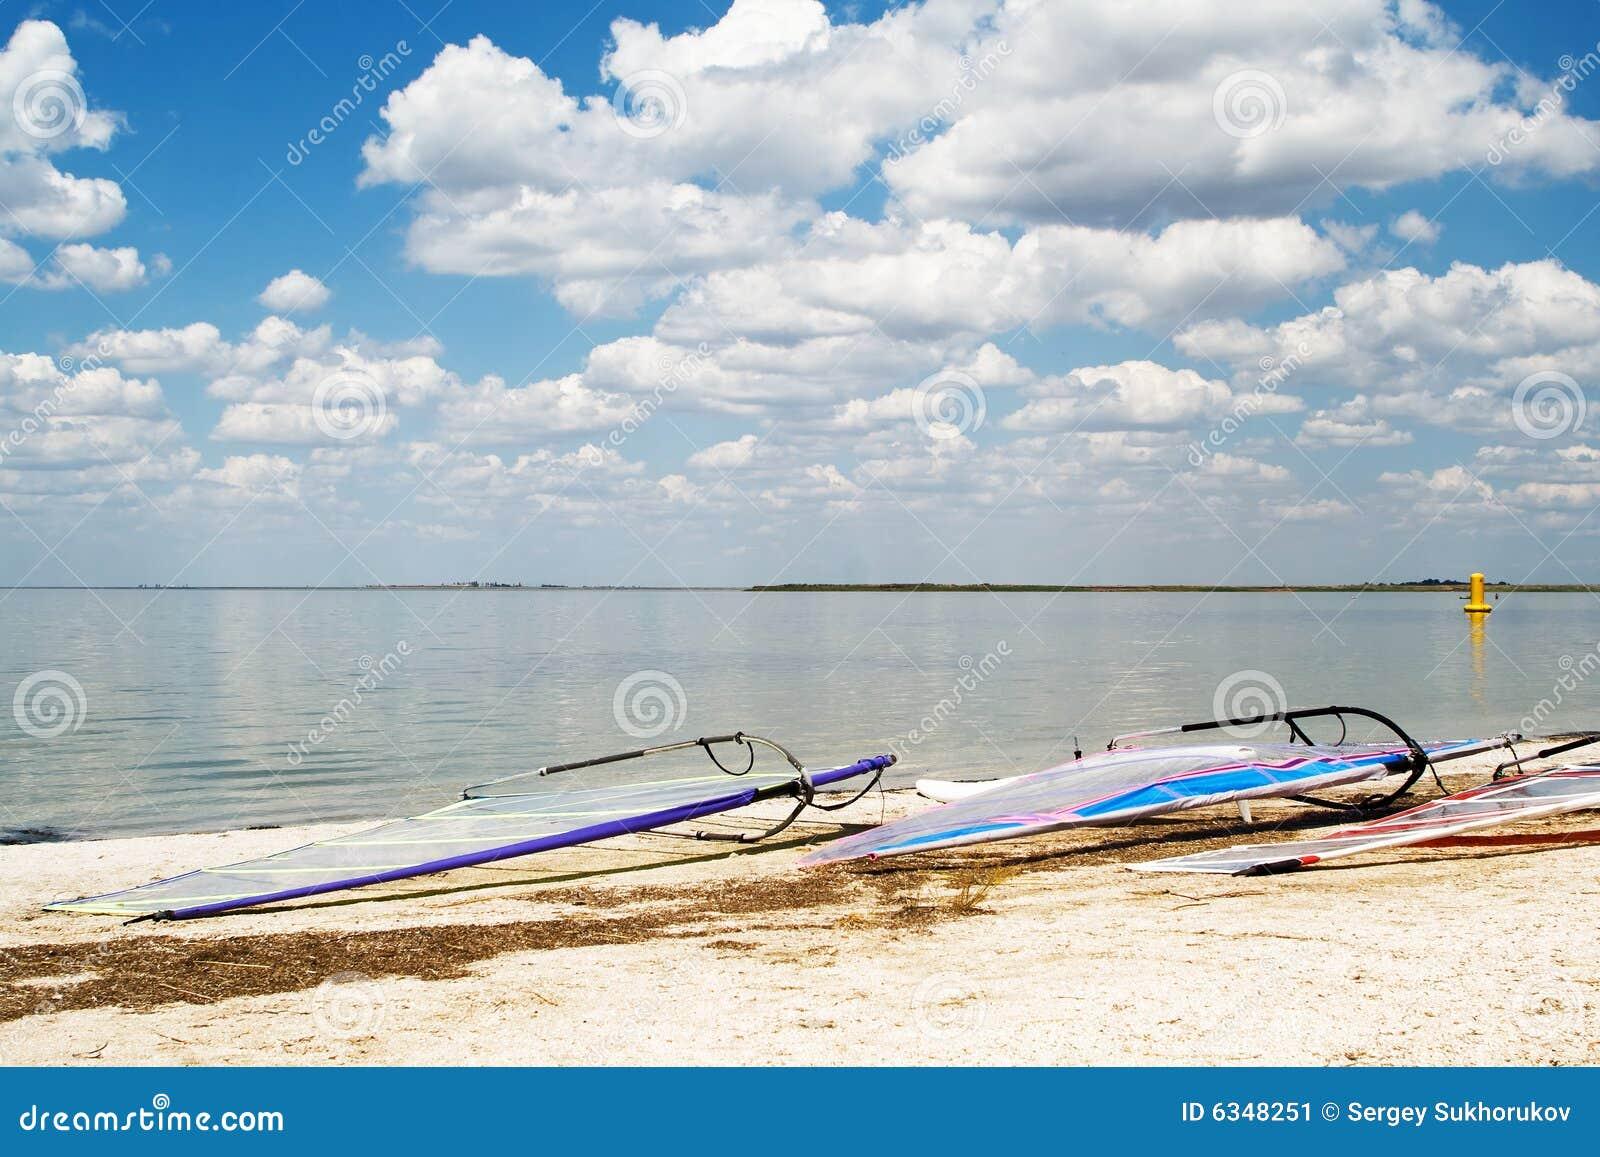 Surfboards on a beach a sea bay